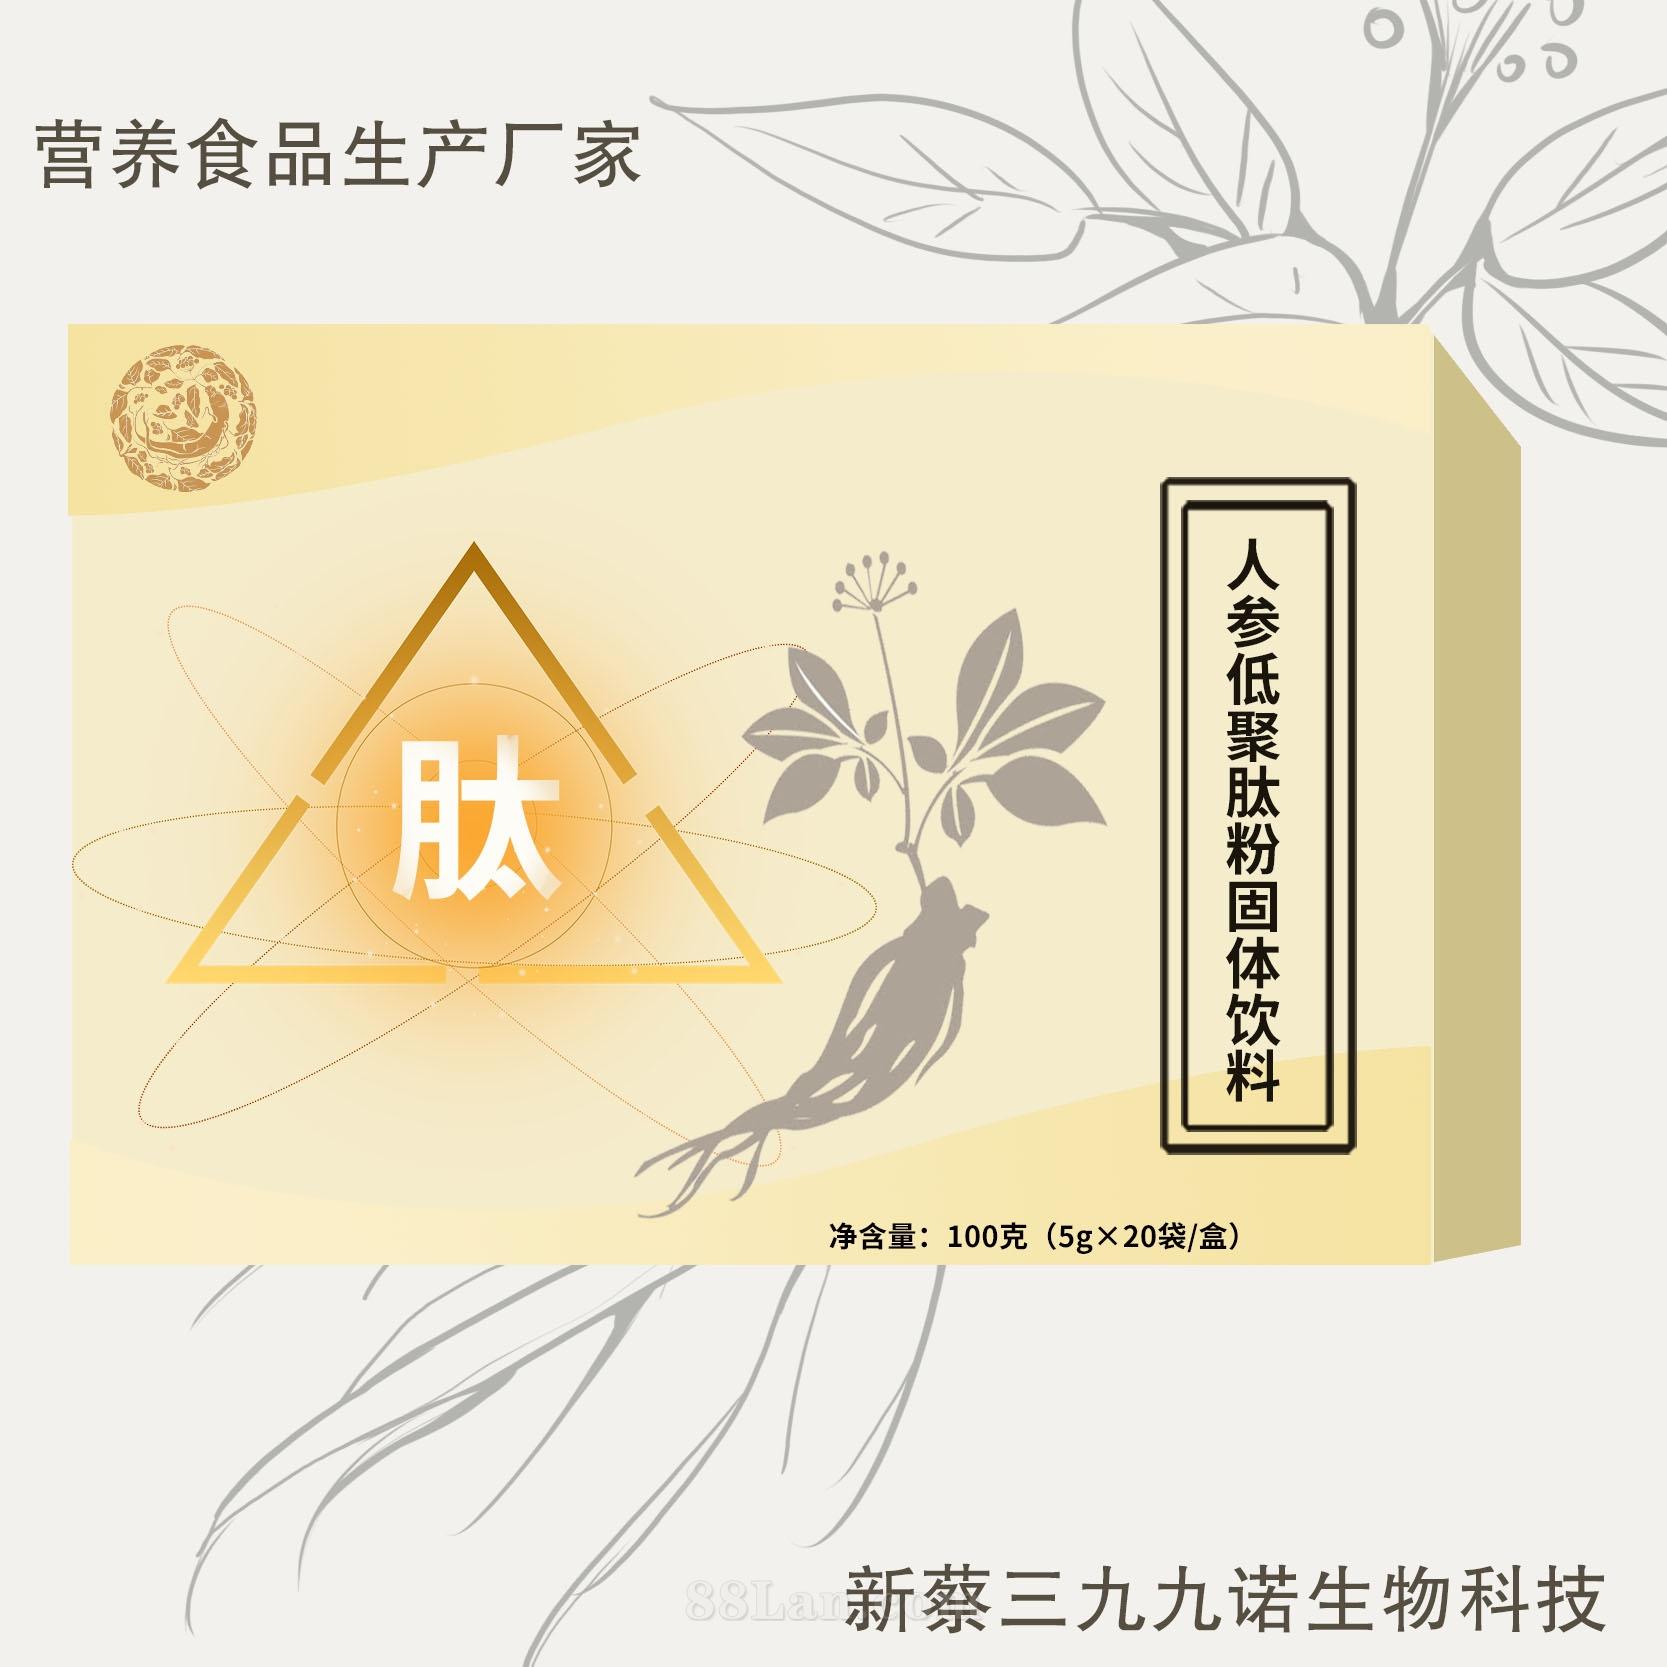 人参低聚肽粉固体饮料 人参玛卡鹿鞭黄精牡蛎肽 贴牌定制生产